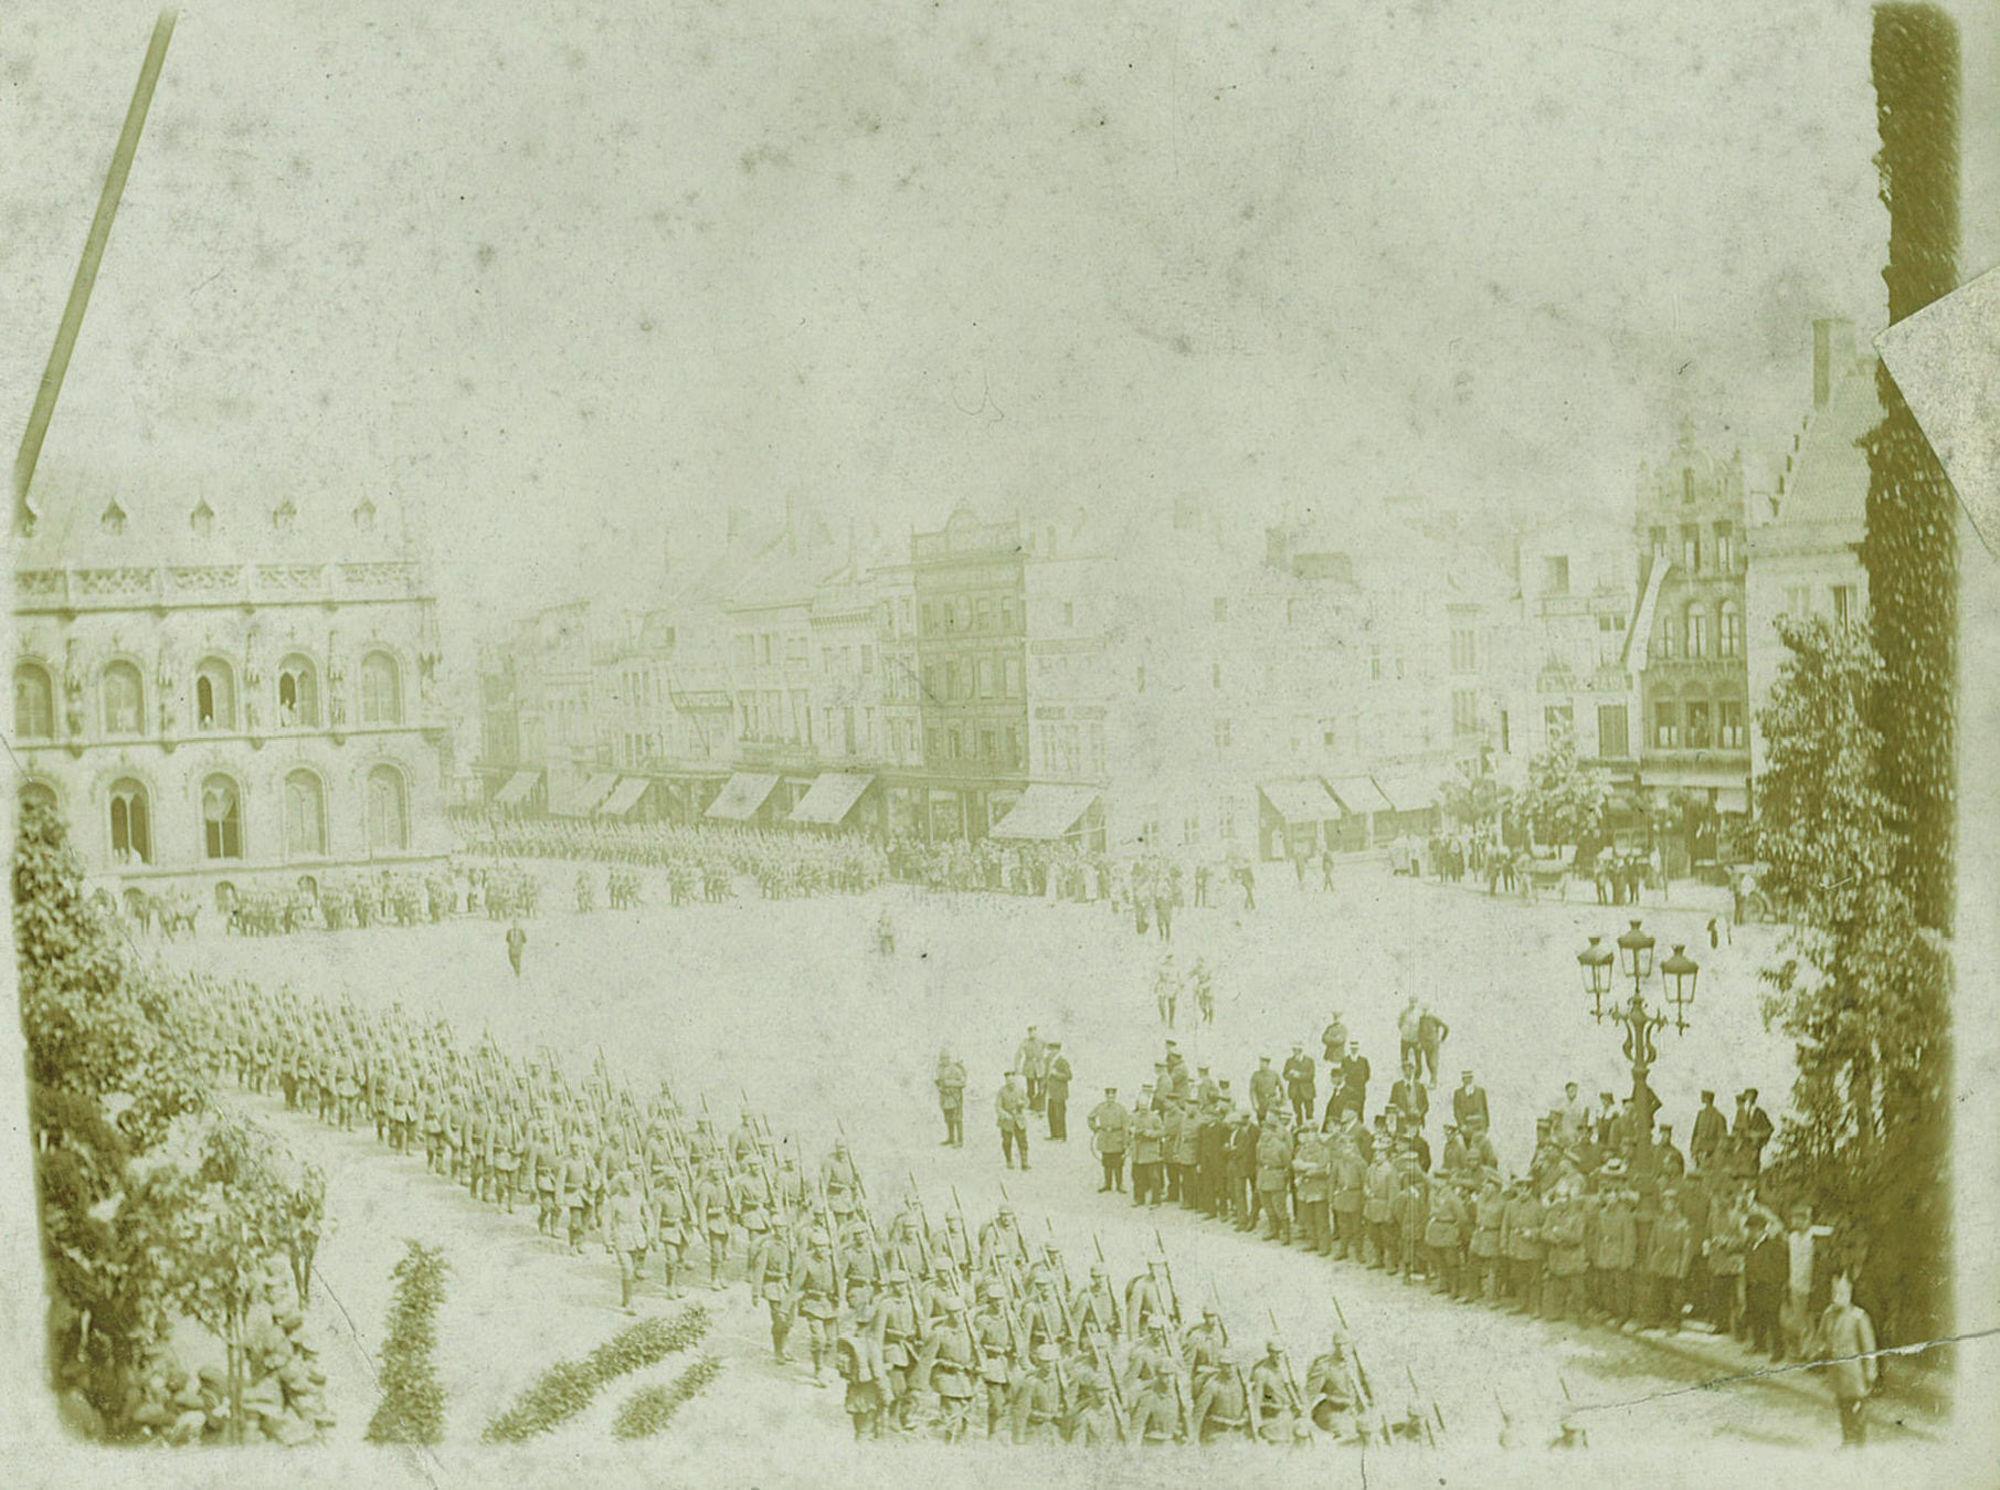 Duitse troepen in 1915